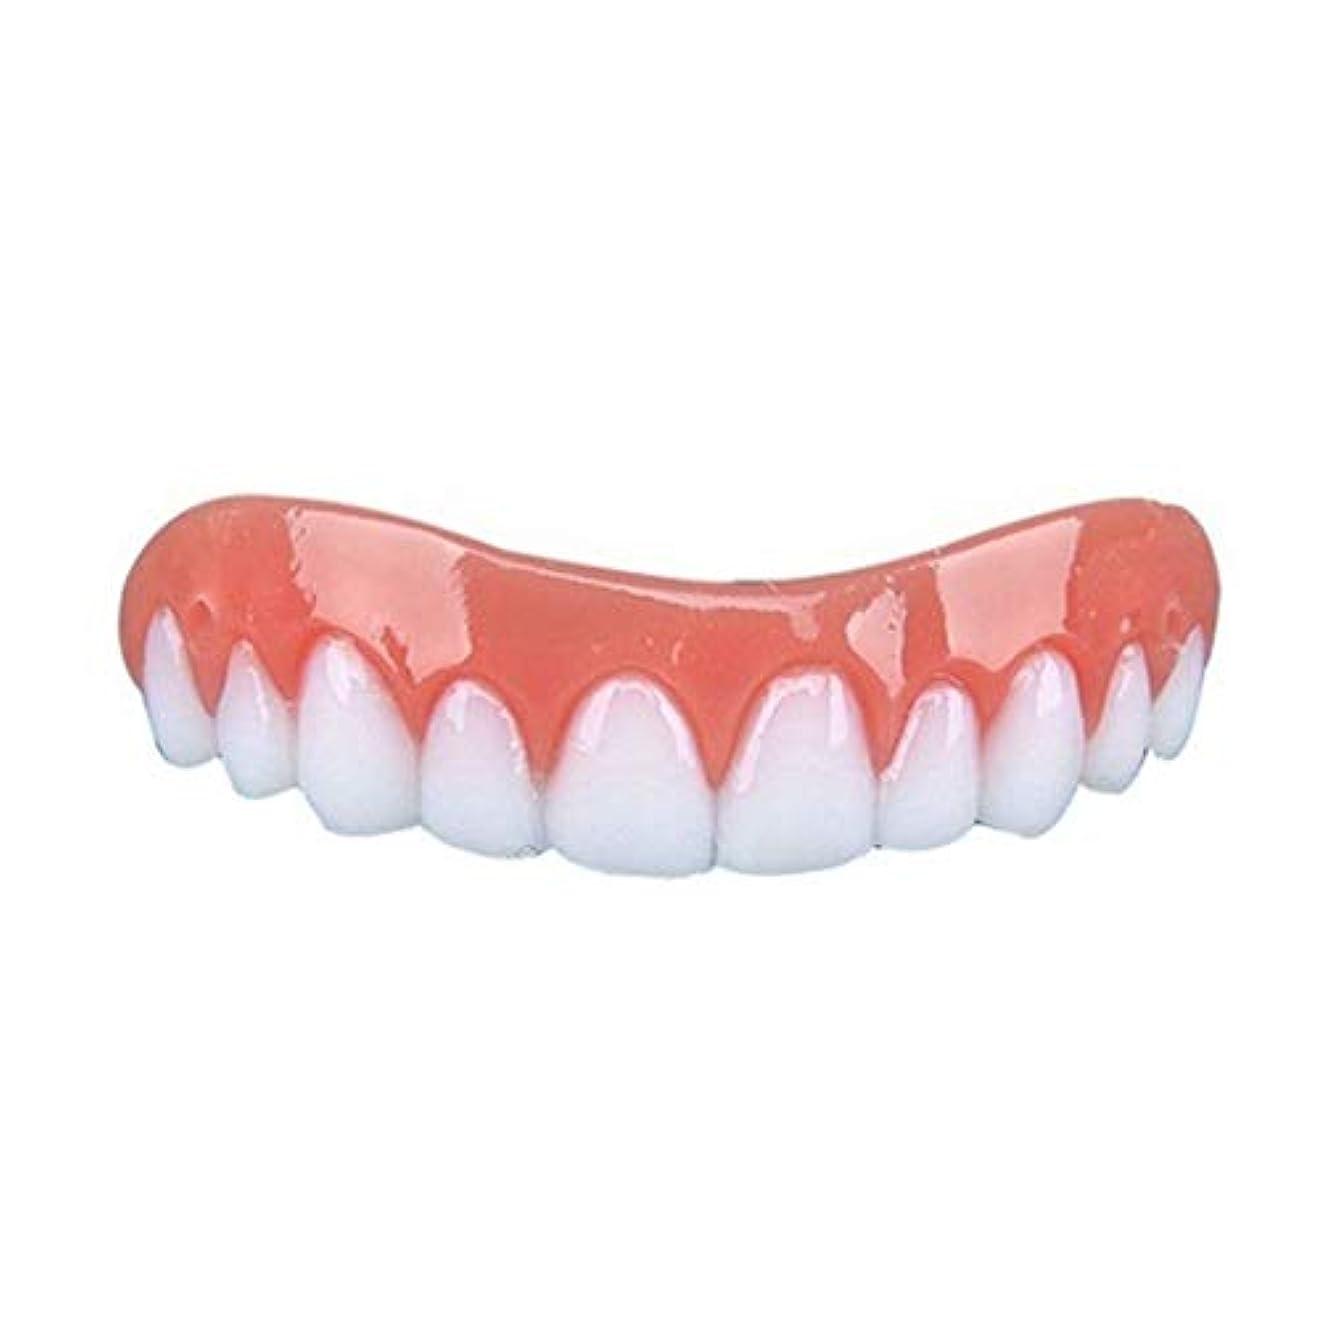 ロマンスようこそ罪人Bartram 歯カバー シリコン義歯ペースト 上歯 笑顔を保つ 歯保護 美容用 入れ歯 矯正義歯